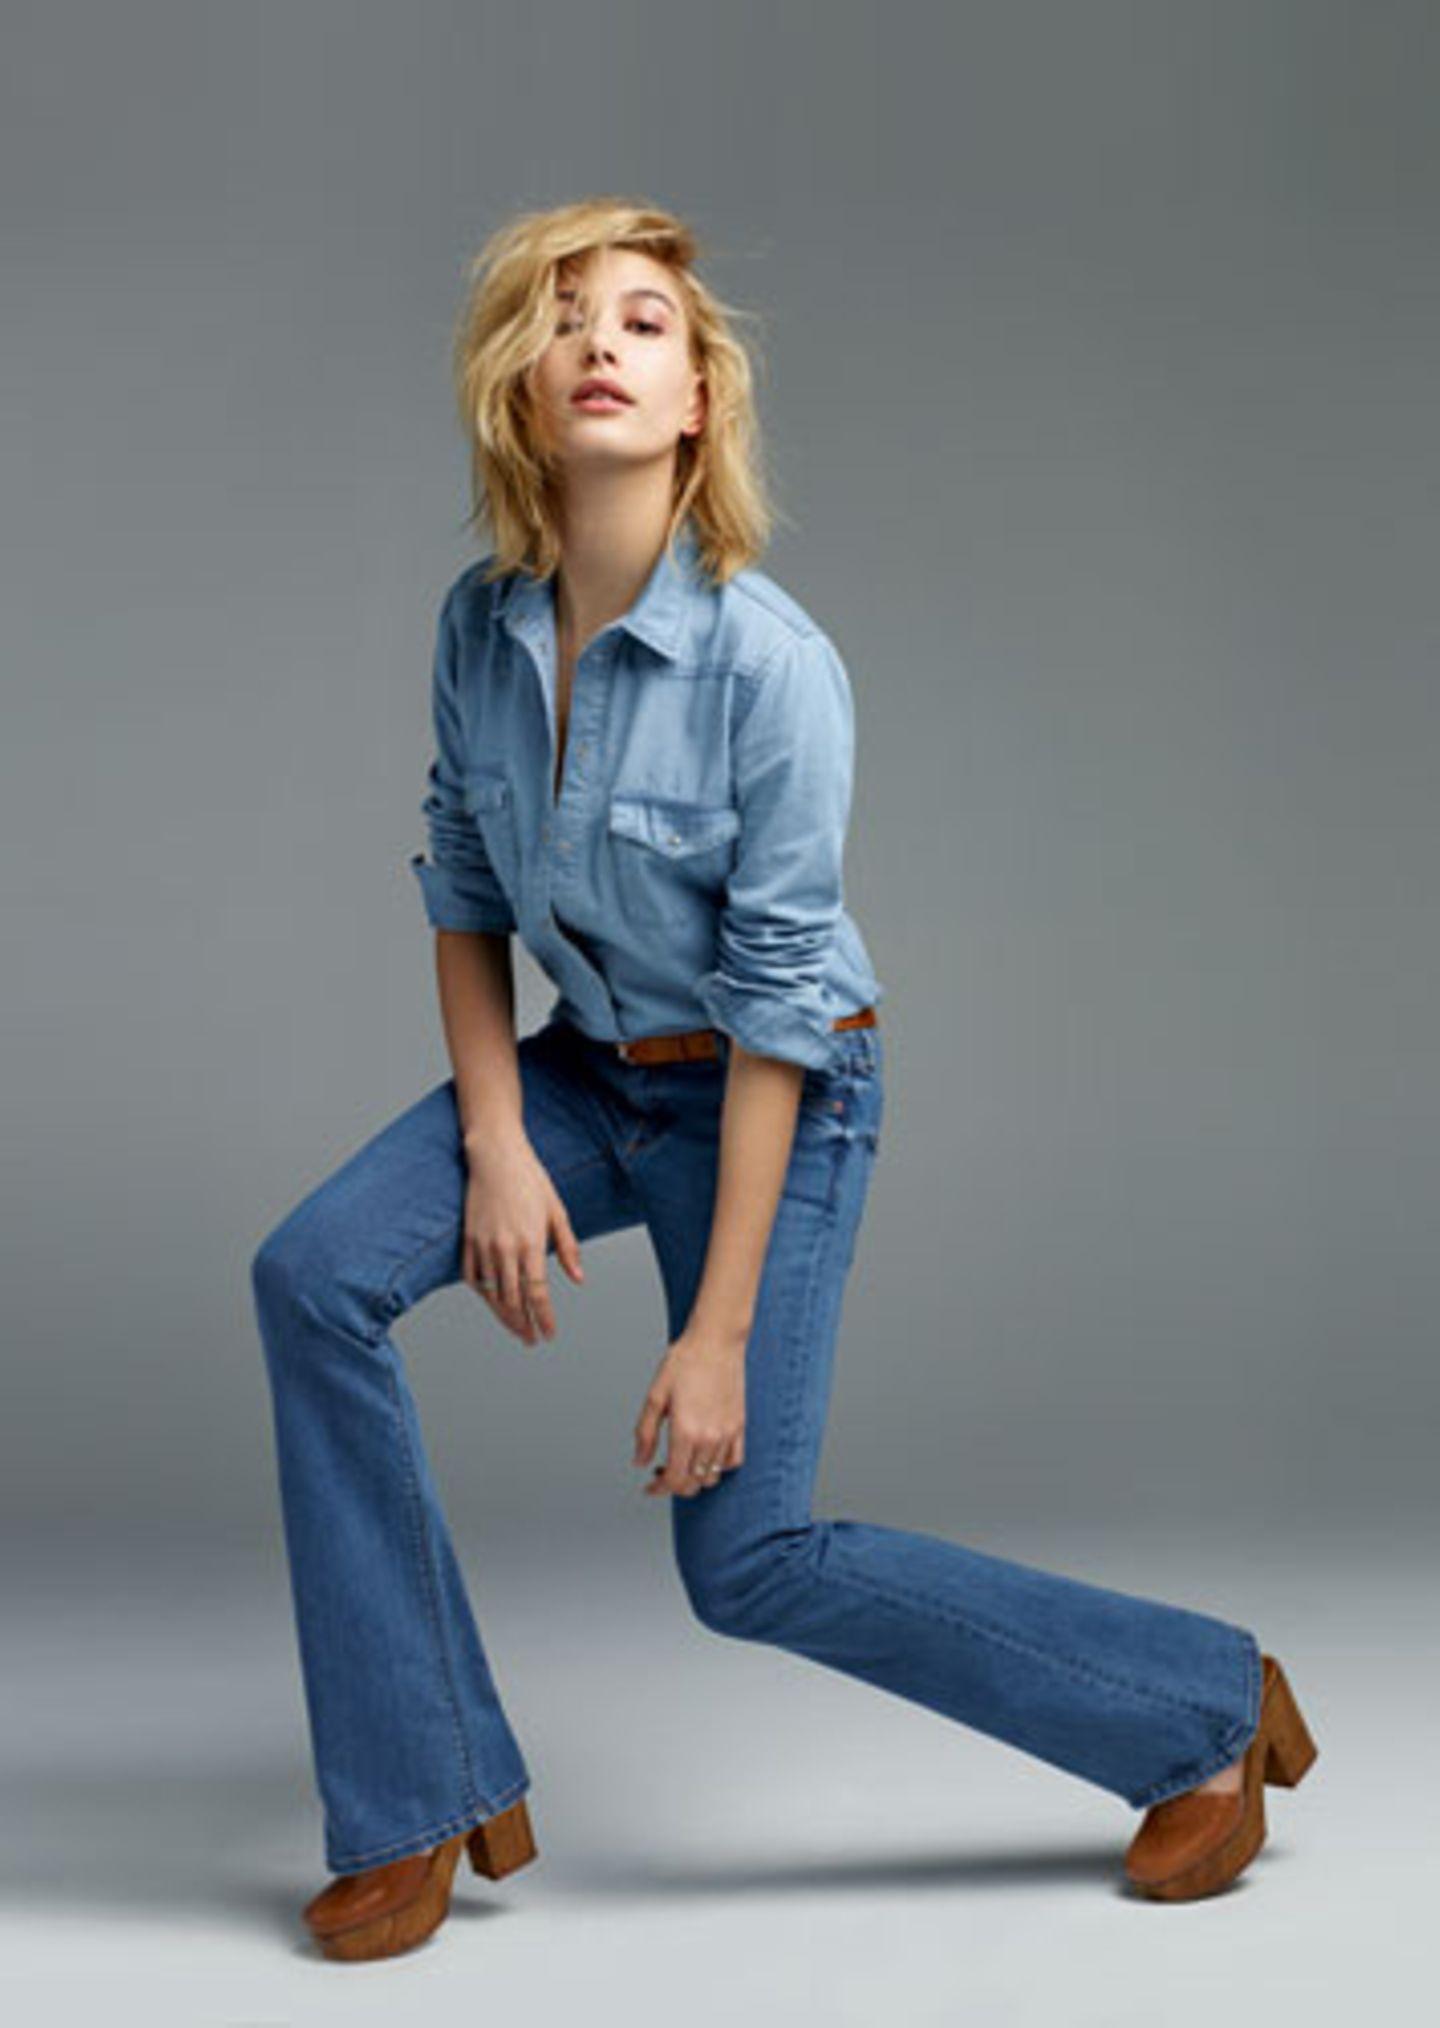 """Das britische Modelabel Topshop weiß, was angesagt ist. Und so umfasst die Topshop Denim-Kollektion für 2015 Schnitte von der Seventies-inspirierten Schlaghose über den neuen """"Girlfriend""""-Schnitt bis zur klassischen Skinny-Jeans. Als Model für das neue Denim-Lookbook stand Hailey Baldwin vor der Kamera des Modefotografen Harley Weir. Hier zu sehen: das Jeans-Modell """"Jamie Flare"""". Man beachte, dass Stylistin Kate Phelan Clogs zur Schlaghose kombiniert hat, die wir schon in unseren neuen Lieblings-Trends für 2015 vorgestellt haben."""